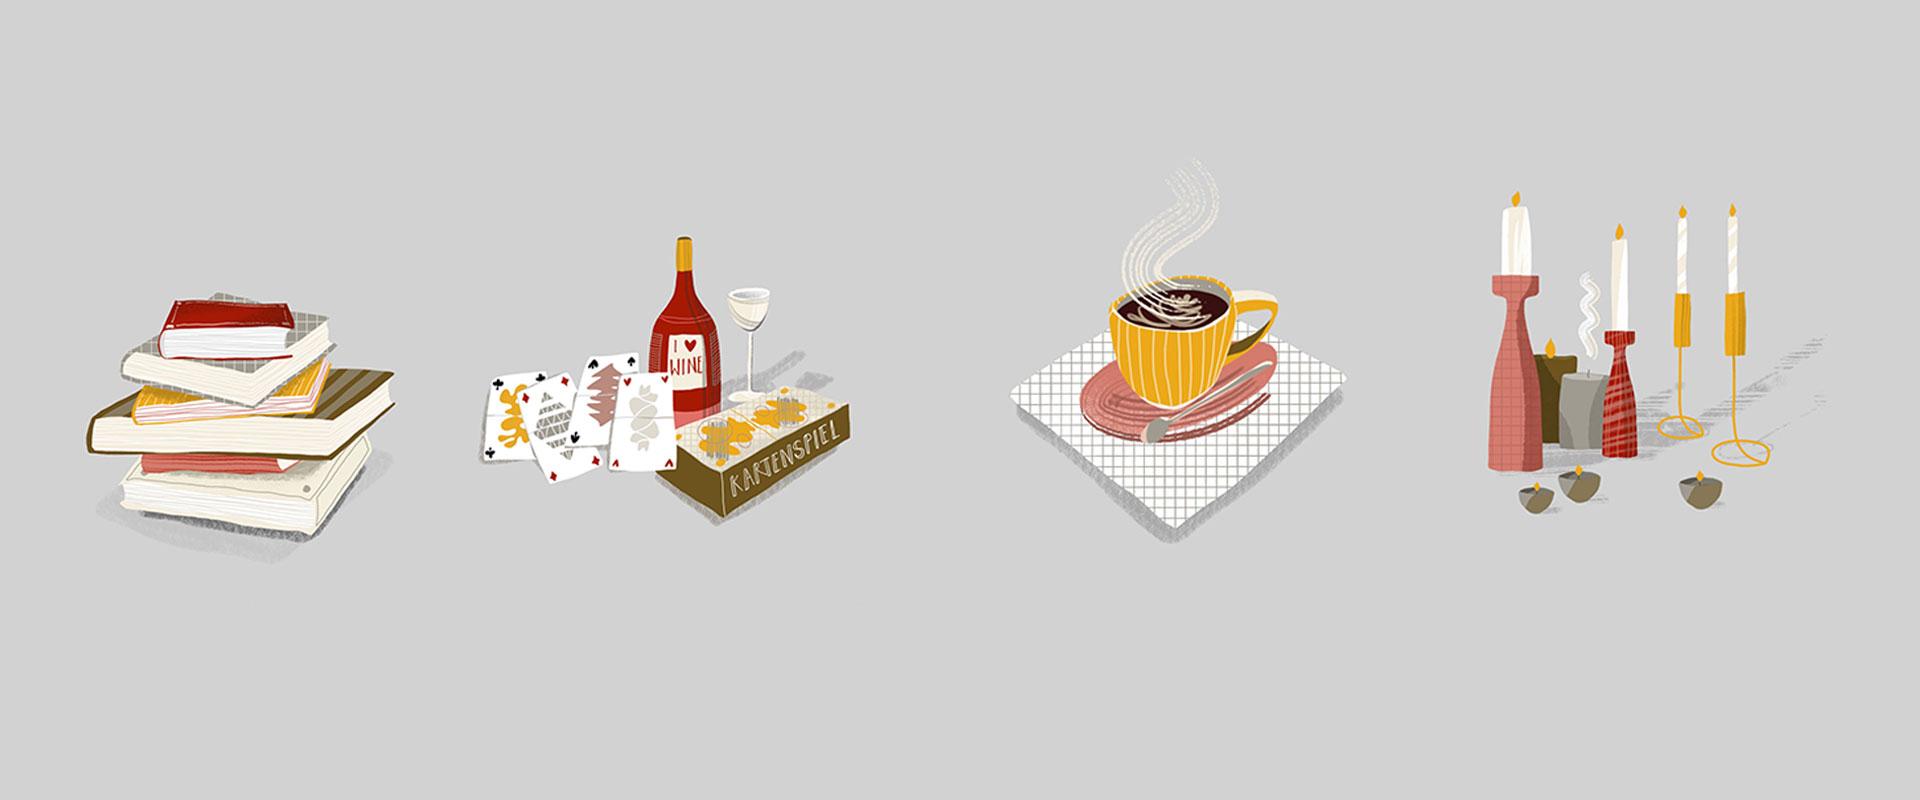 Vier Illustrationen von alltäglichen Gegenständen wie Büchern, Wein und Spielkarten, einer Tasse Kaffee und Kerzen.